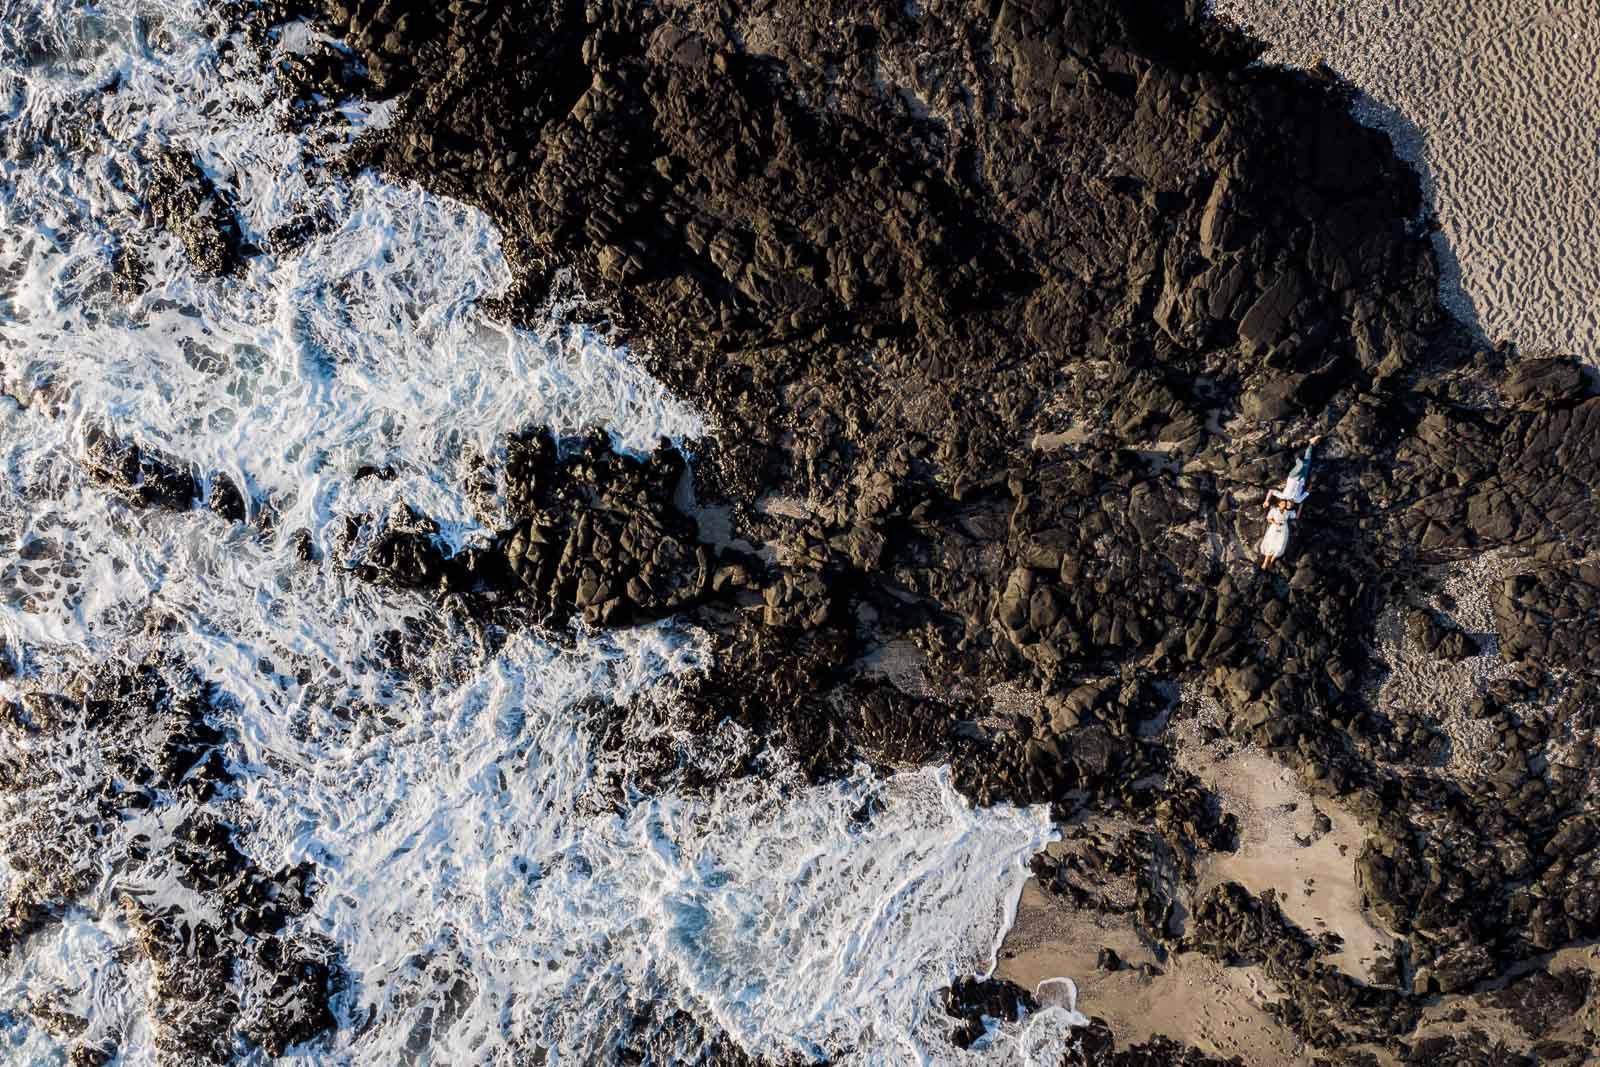 Photo d'une séance photo au Cap La Houssaye, de Mathieu Dété, photographe de mariage et fiançailles à Saint-Pierre de la Réunion 974, présentant les vagues du Cap La Houssaye vu du ciel avec un drône